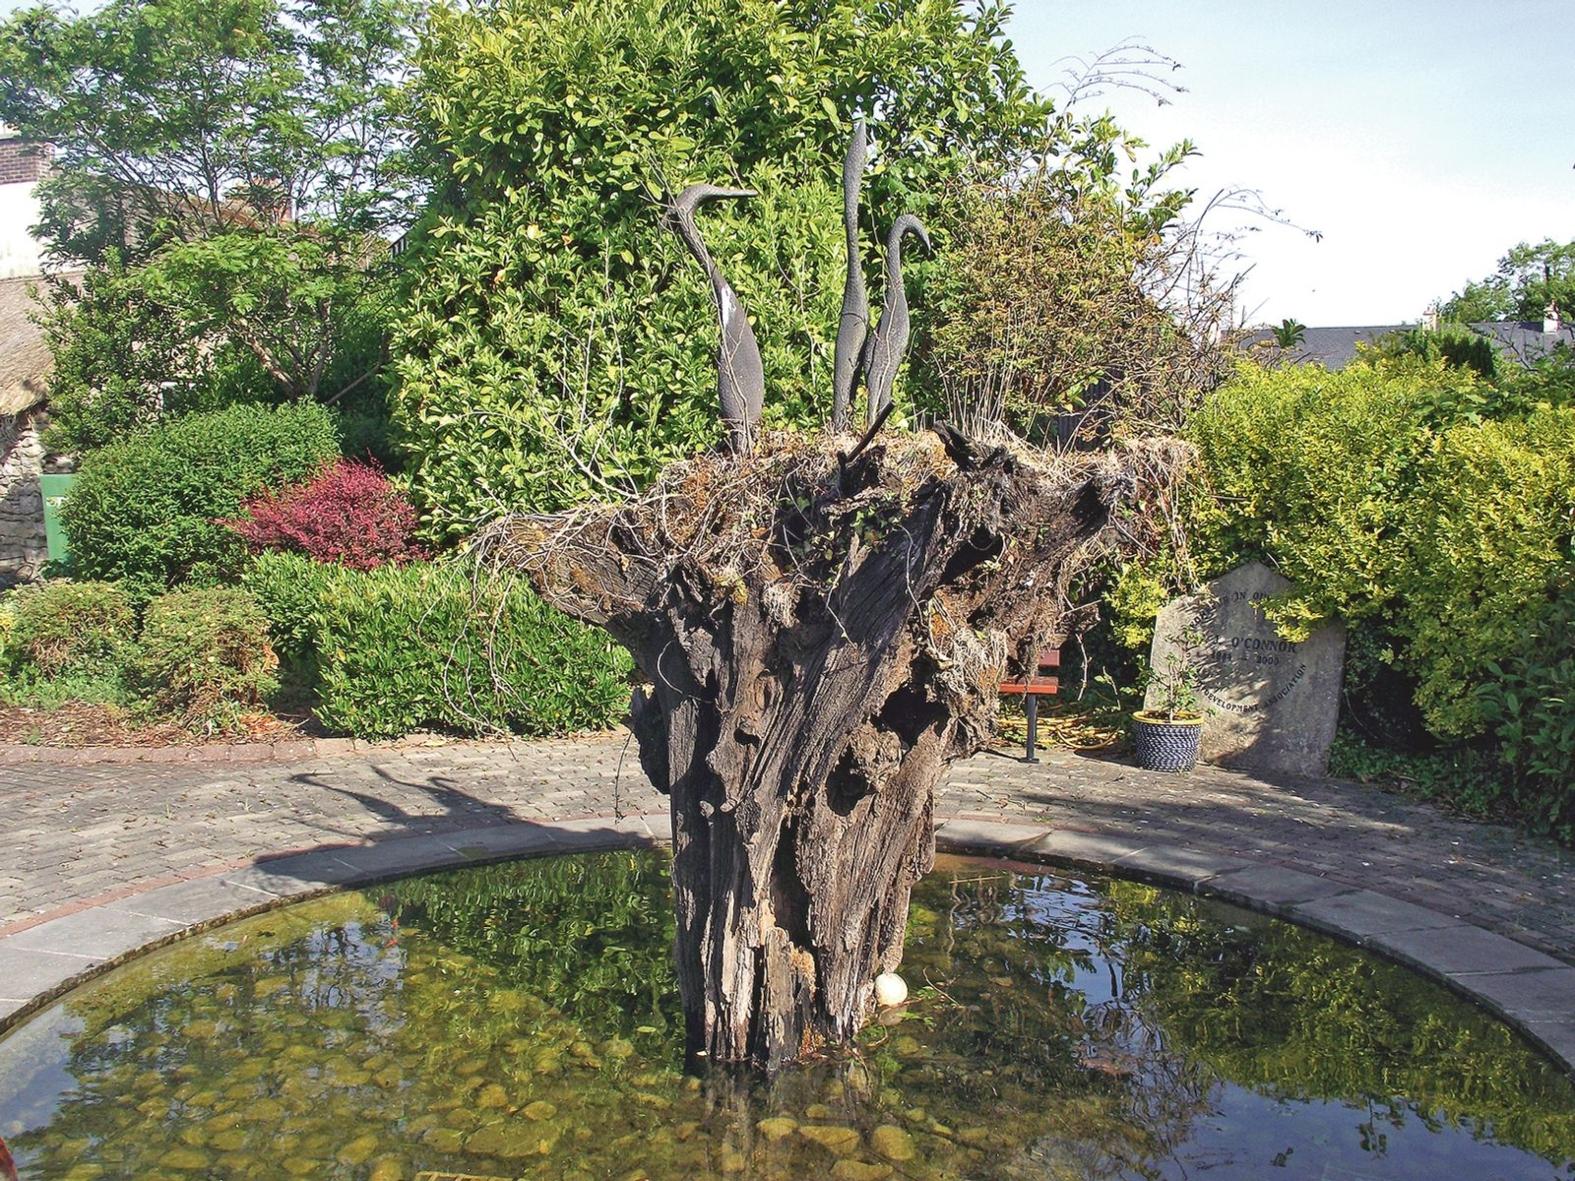 Bogwood. Vattenskulptur som gjorts av en gammal ek som hittades i en mosse då det bröts torv. Tranorna förekommer på många olika ställen i Leitrim.